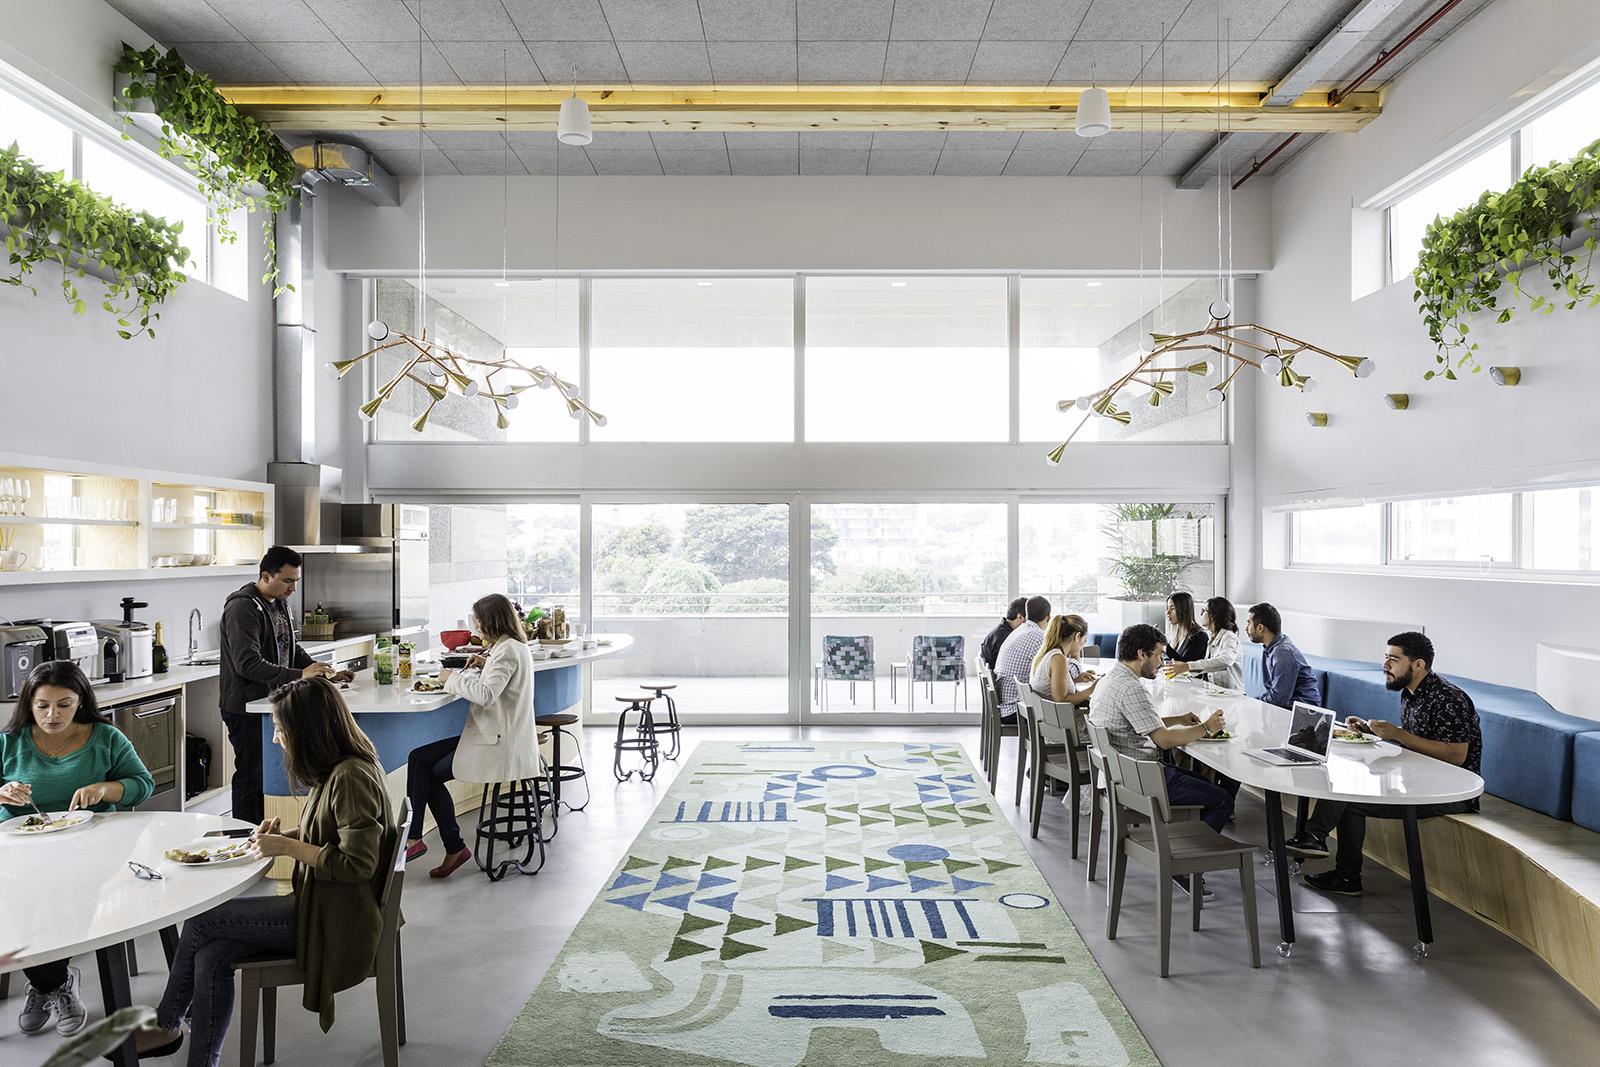 airbnb-sao-paulo-office-5